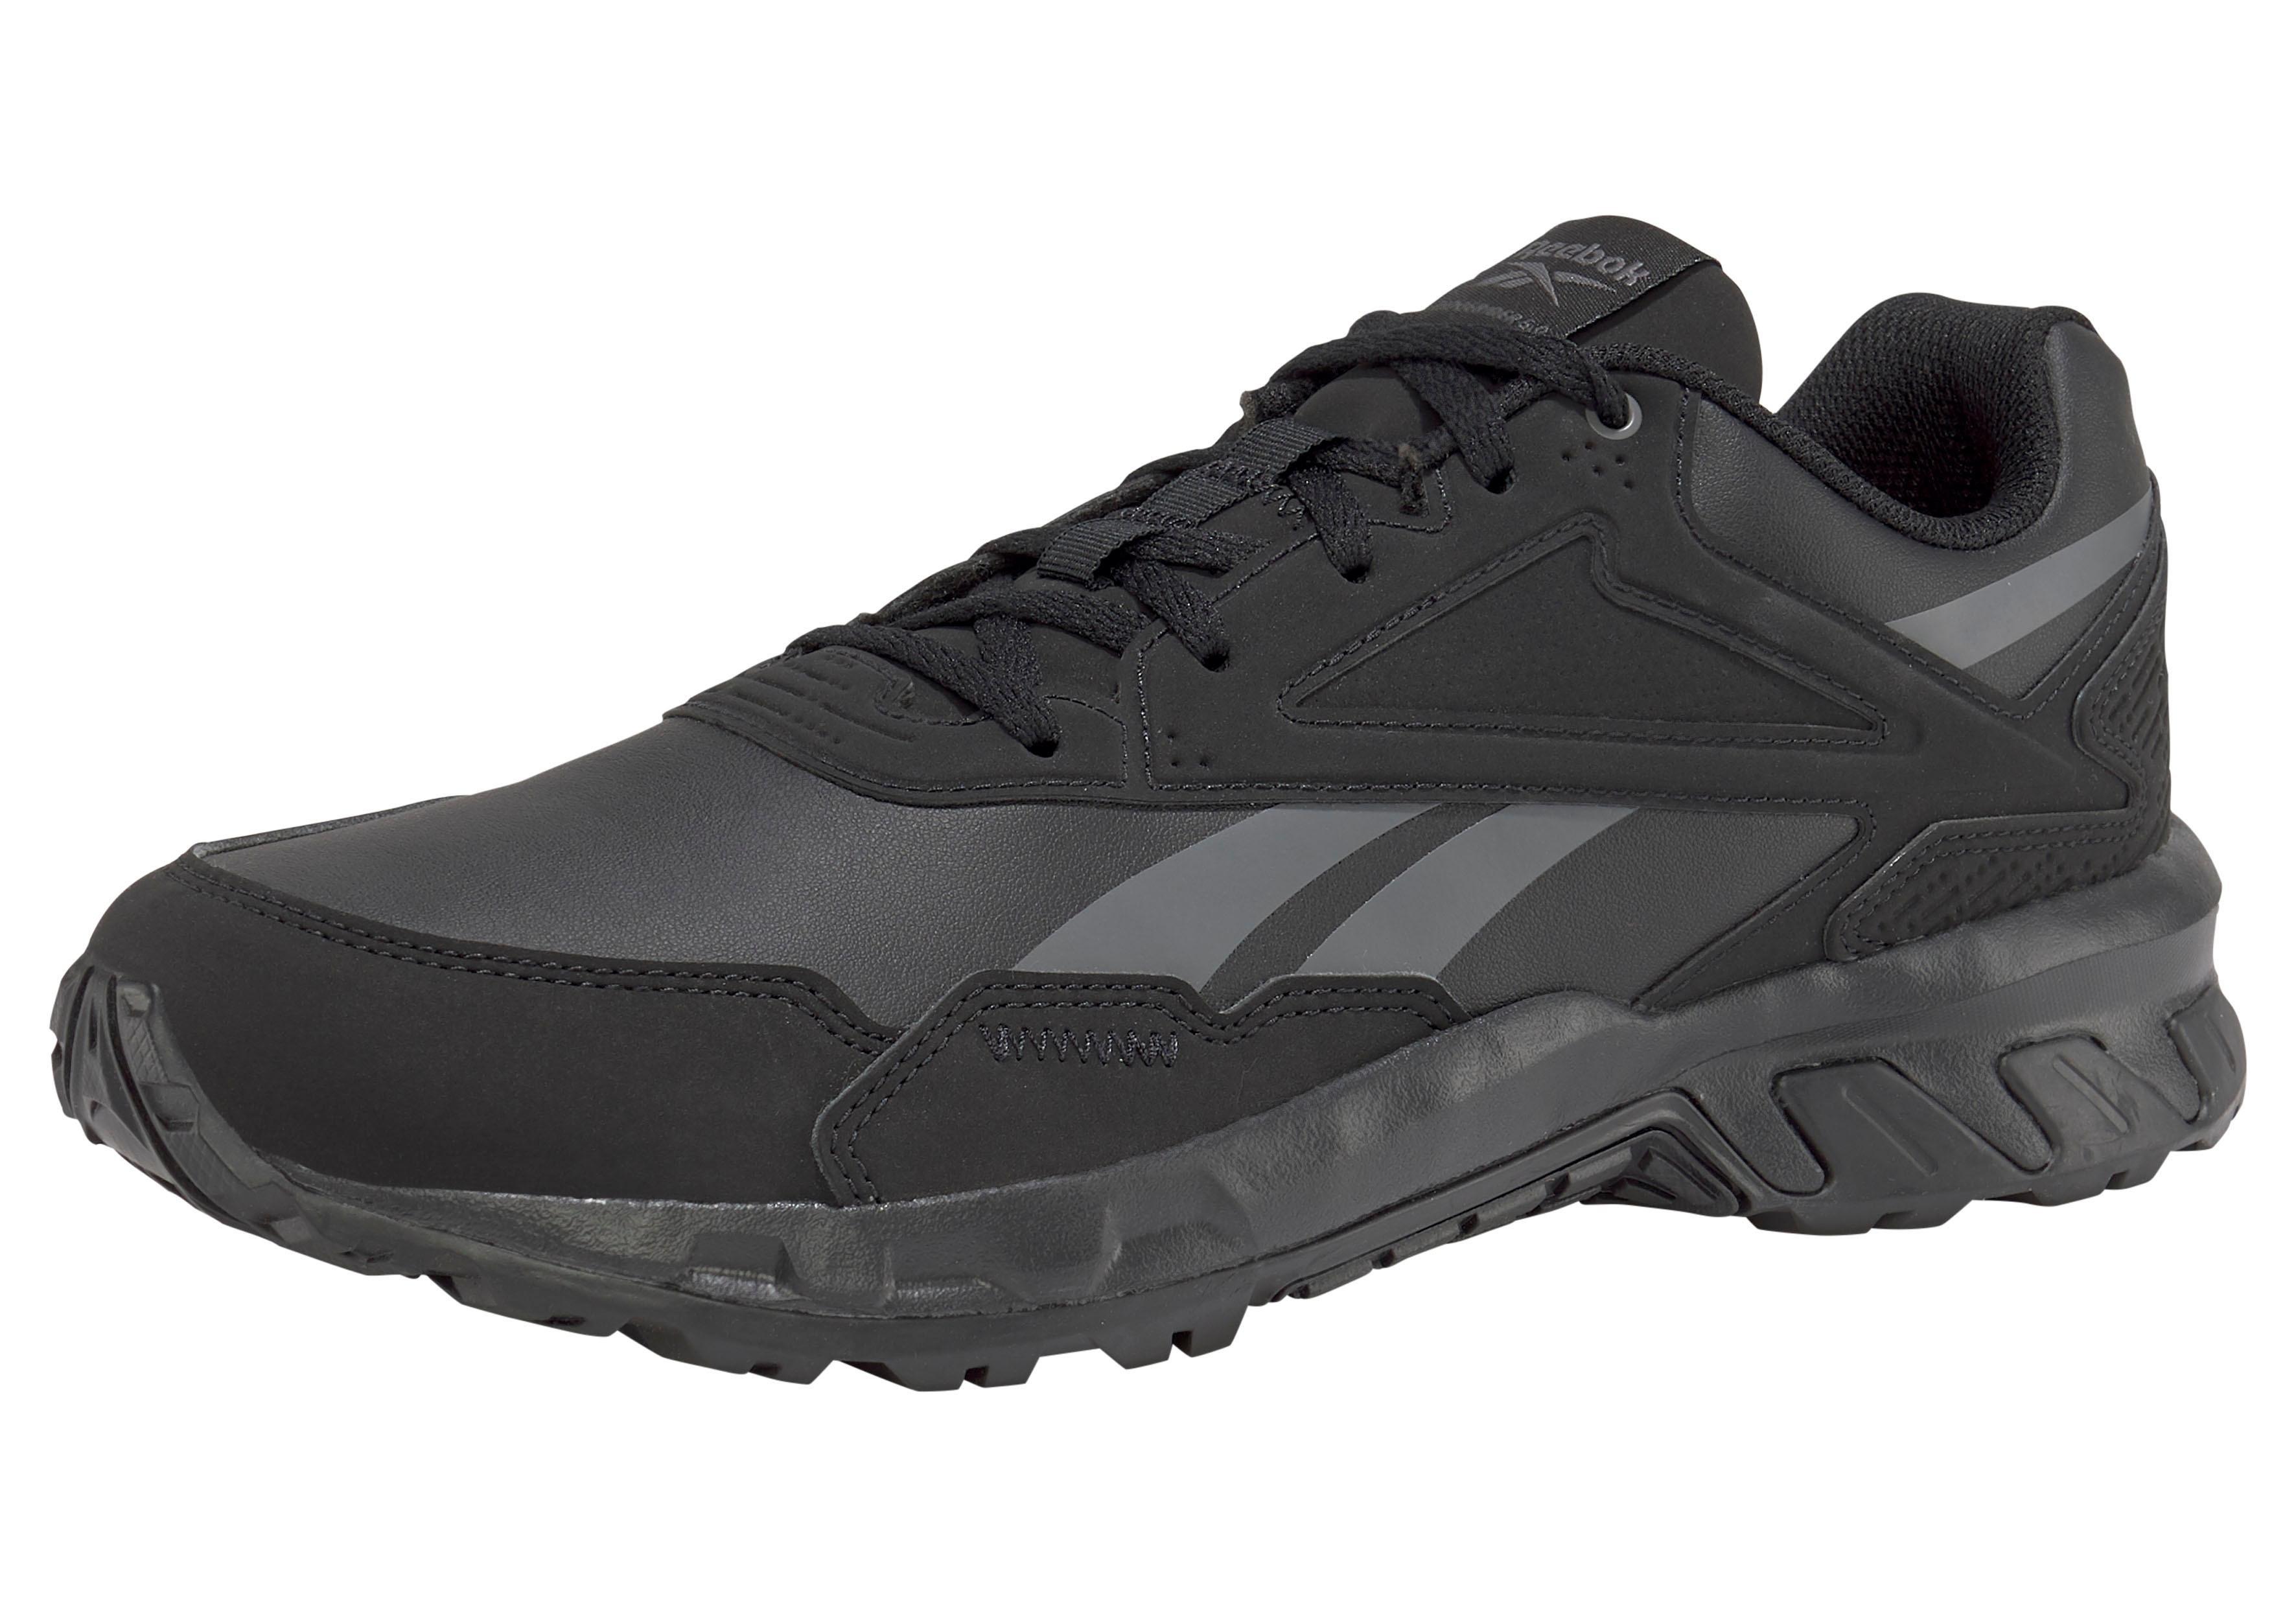 Reebok wandelschoenen »RIDGERIDER 5.0 LTHR M« nu online kopen bij OTTO